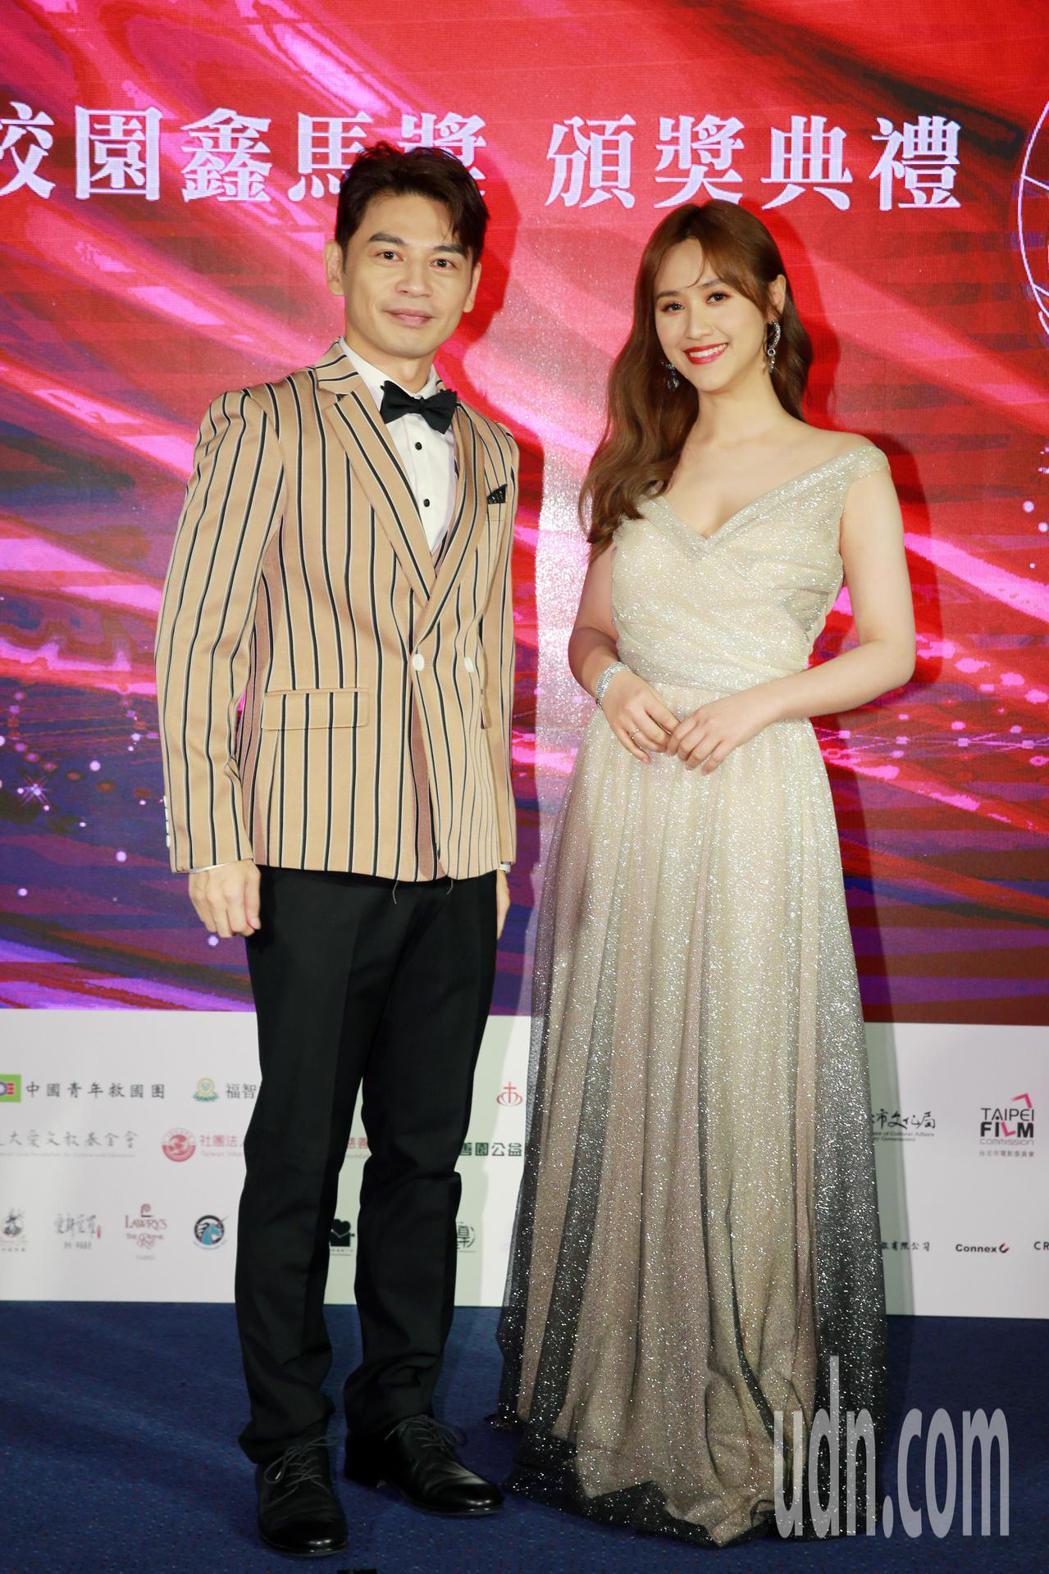 第一屆校園鑫馬獎晚間舉行頒獎典禮,由阿Ken(左)、Sandy吳姍儒(右)擔任主